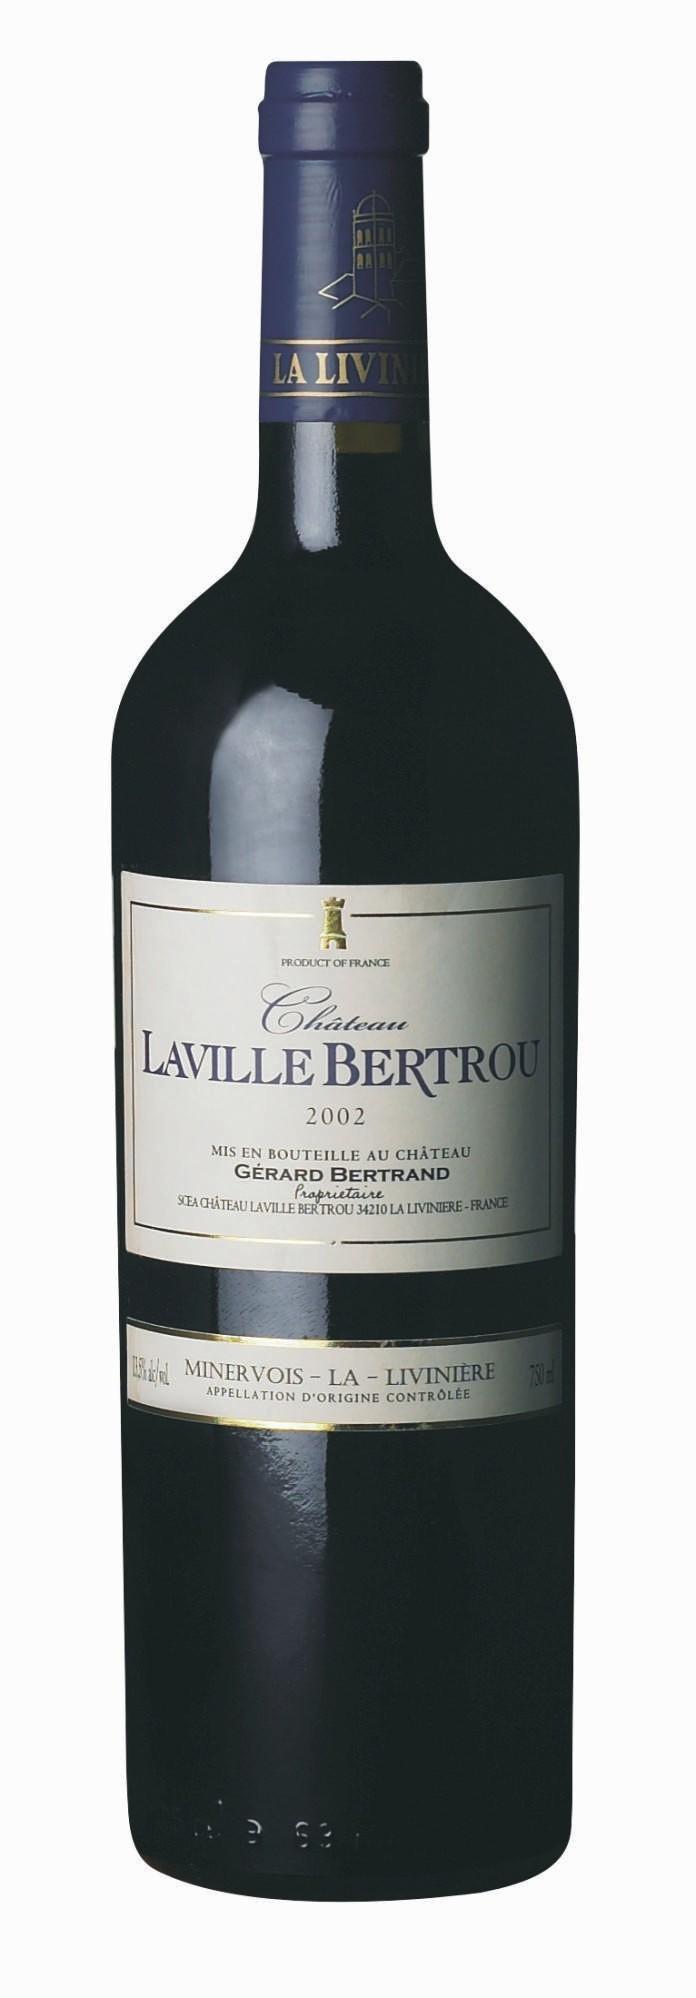 Gerard Bertrand - Château Laville Bertrou - Minervois